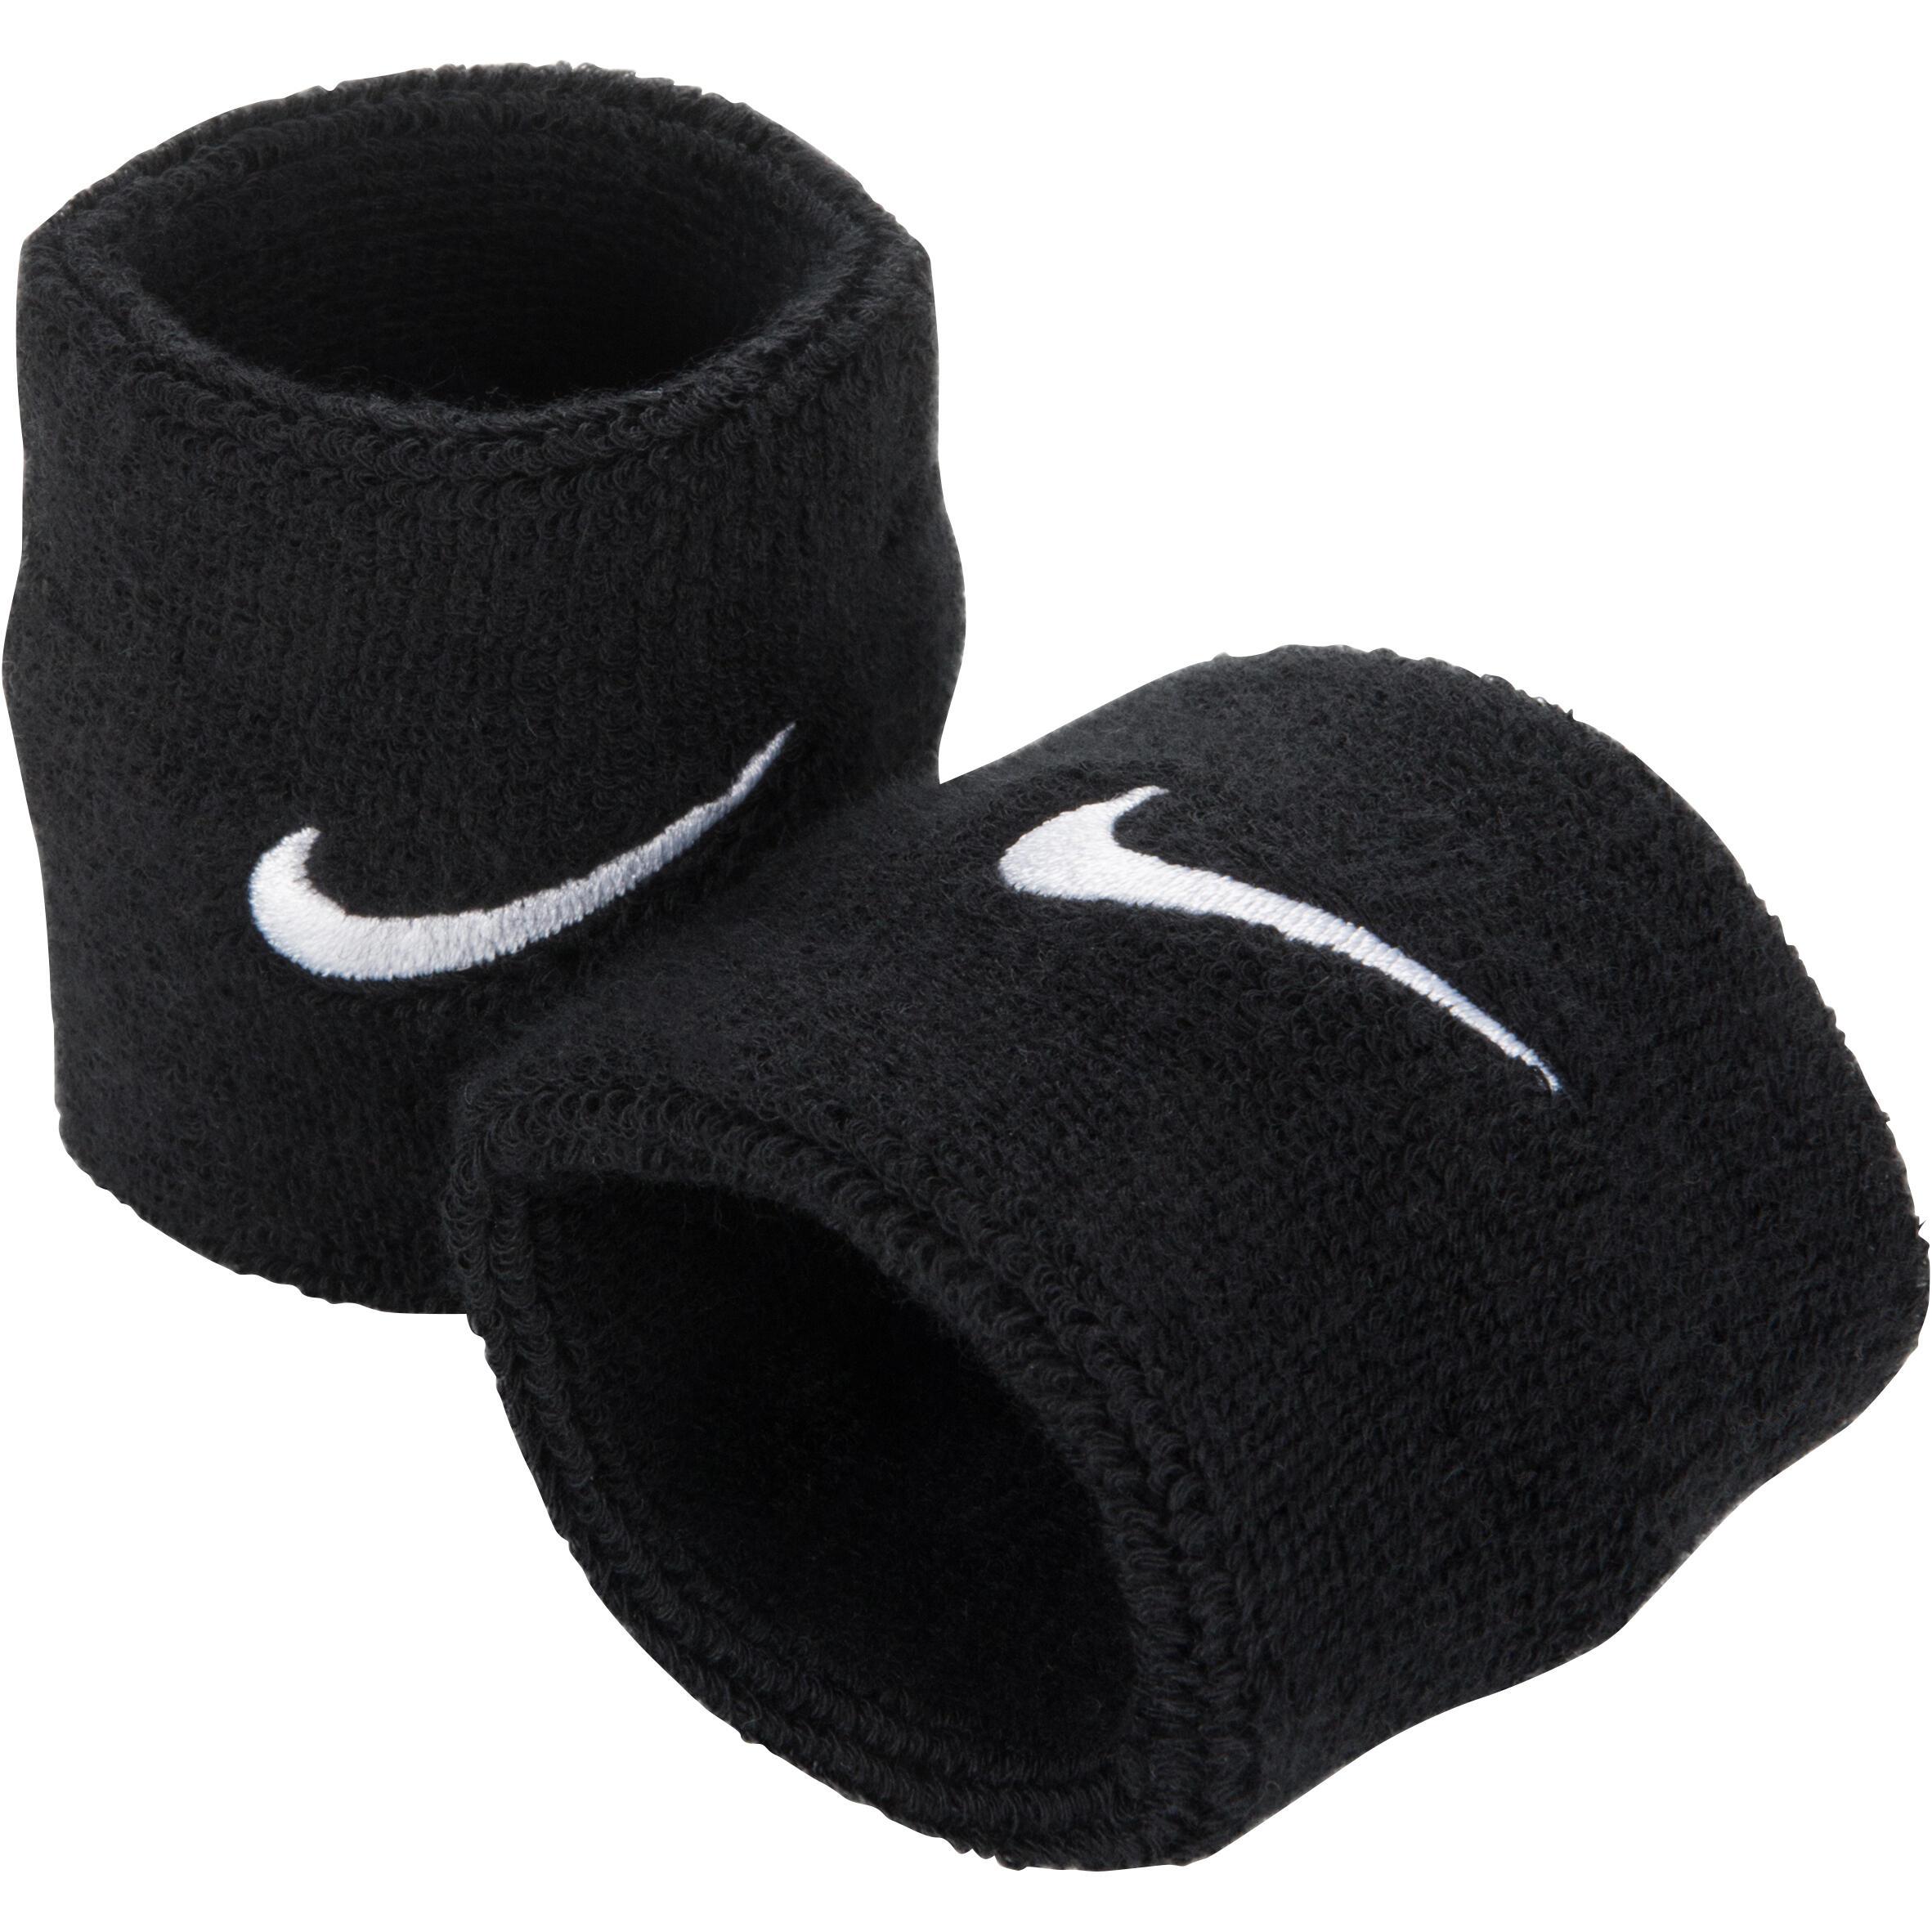 Dosige 2 St/ück Sport Schwei/ßband Handgelenk Handtuch Armschienen Tennis Badminton Gym Armband Wrist Wraps f/ür M/änner Frauen Damen M/ädchen Grau